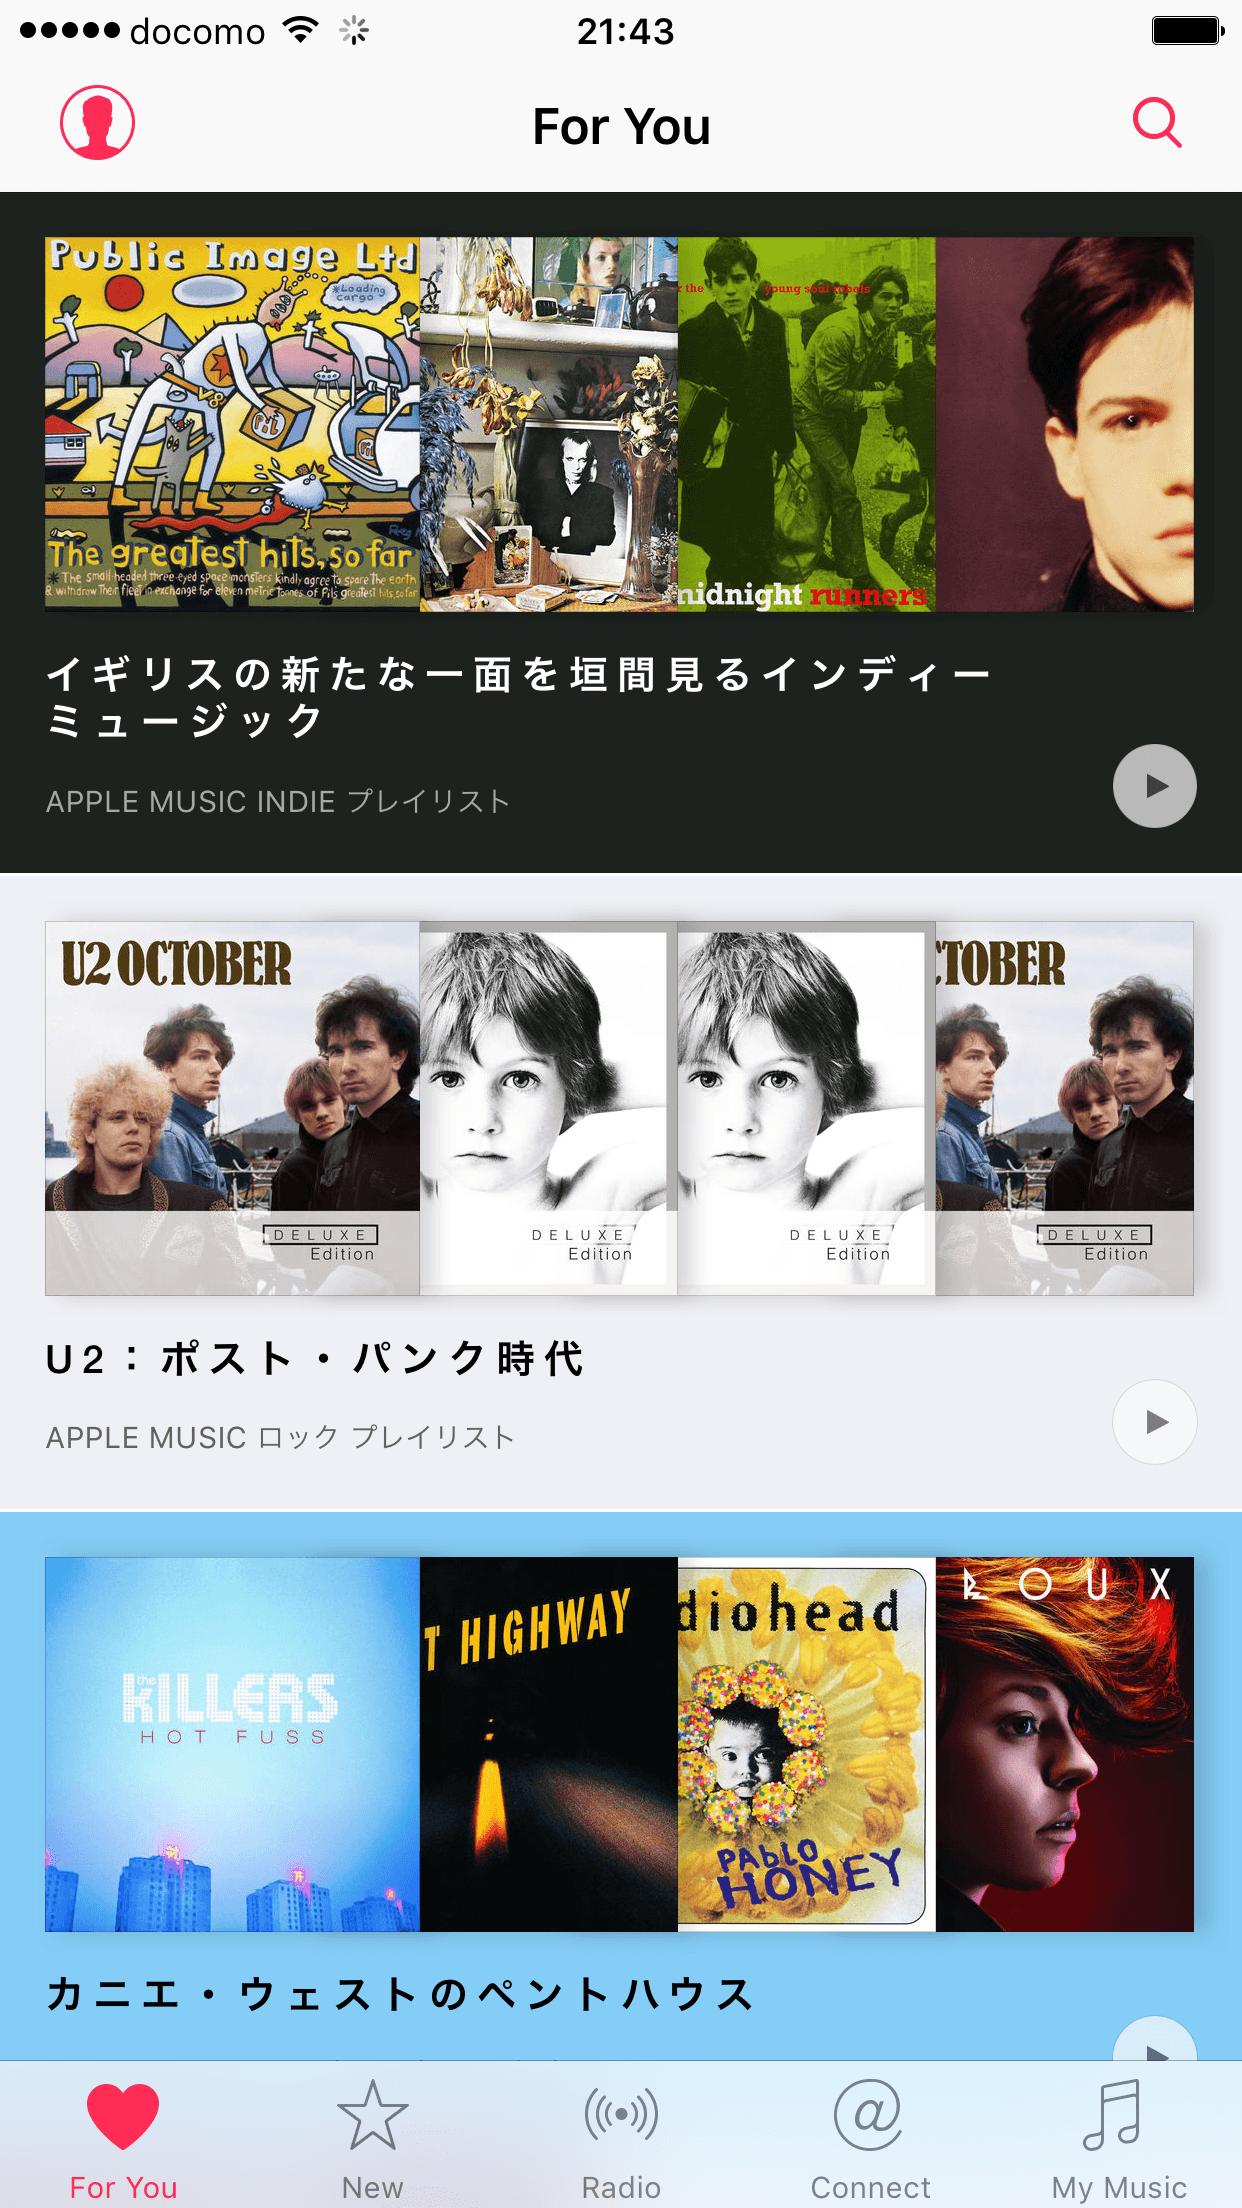 [For You]にプレイリストやアルバムが表示された